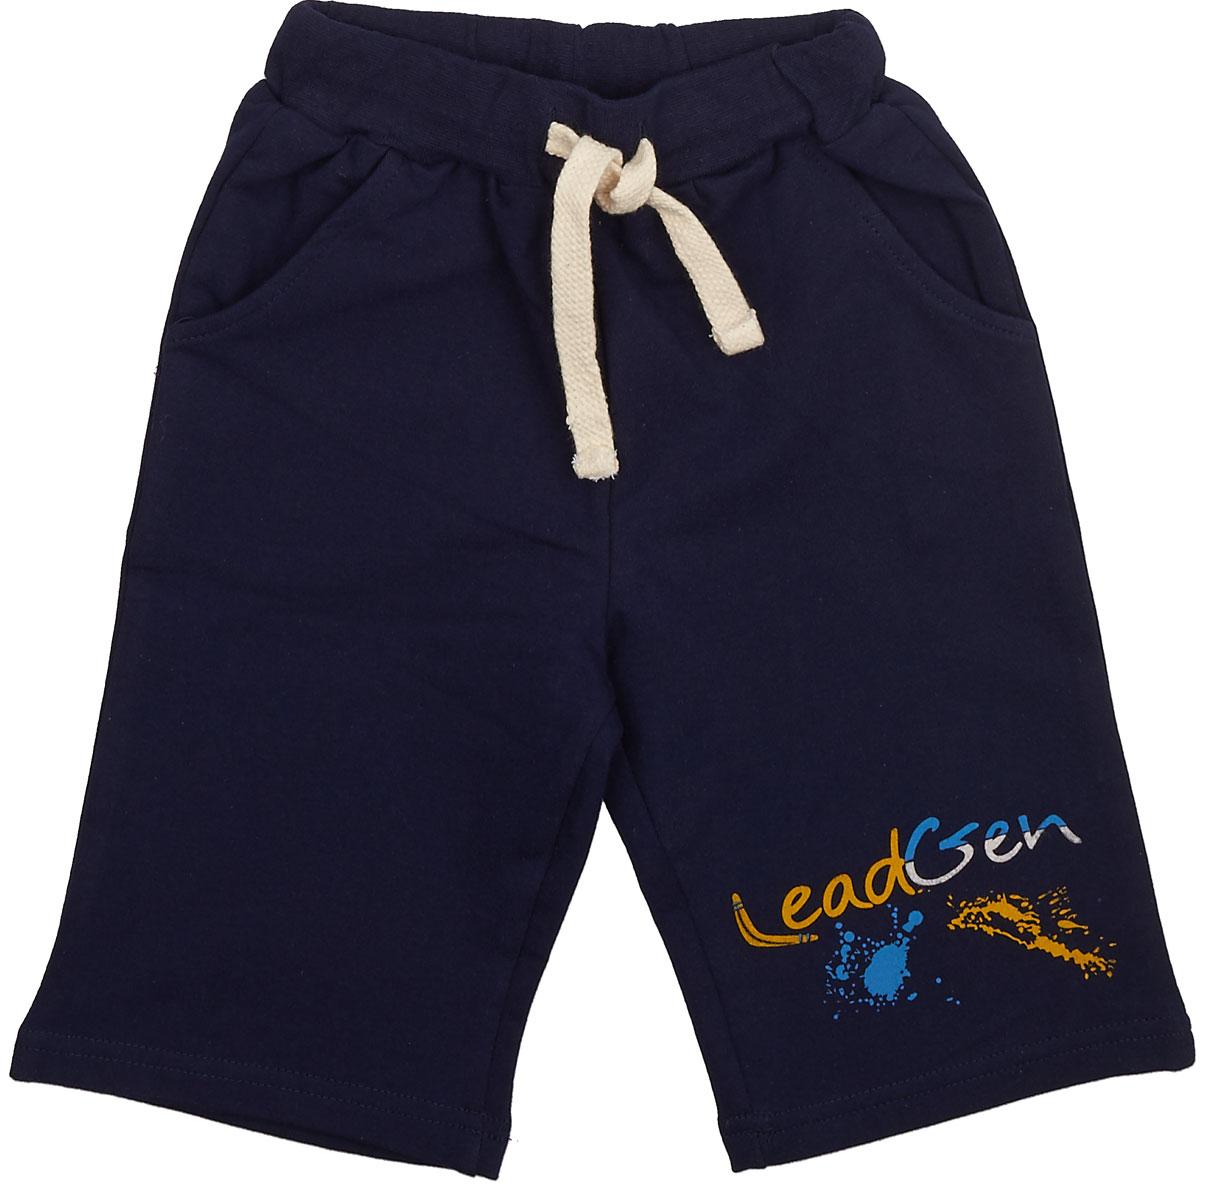 Шорты для мальчика LeadGen, цвет: темно-синий. B612046503-171. Размер 140B612046503-171Шорты для мальчика LeadGen выполнены из хлопкового трикотажа. Модель стандартной посадки с карманами на талии дополнена эластичной резинки со шнурком.